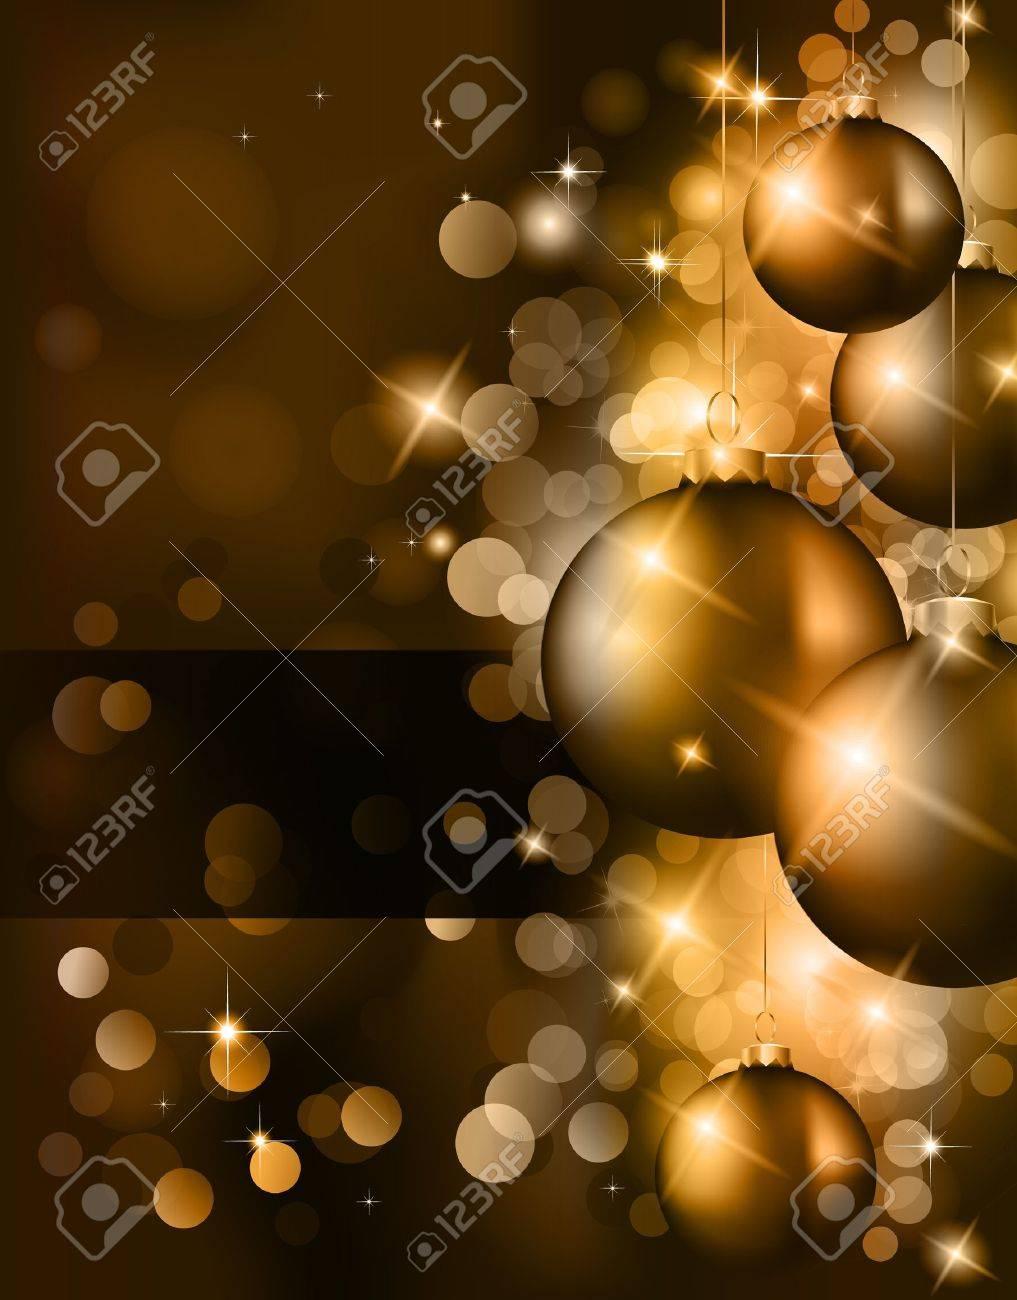 elegante clsico saludos de navidad de fondo para volantes tarjetas o carteles